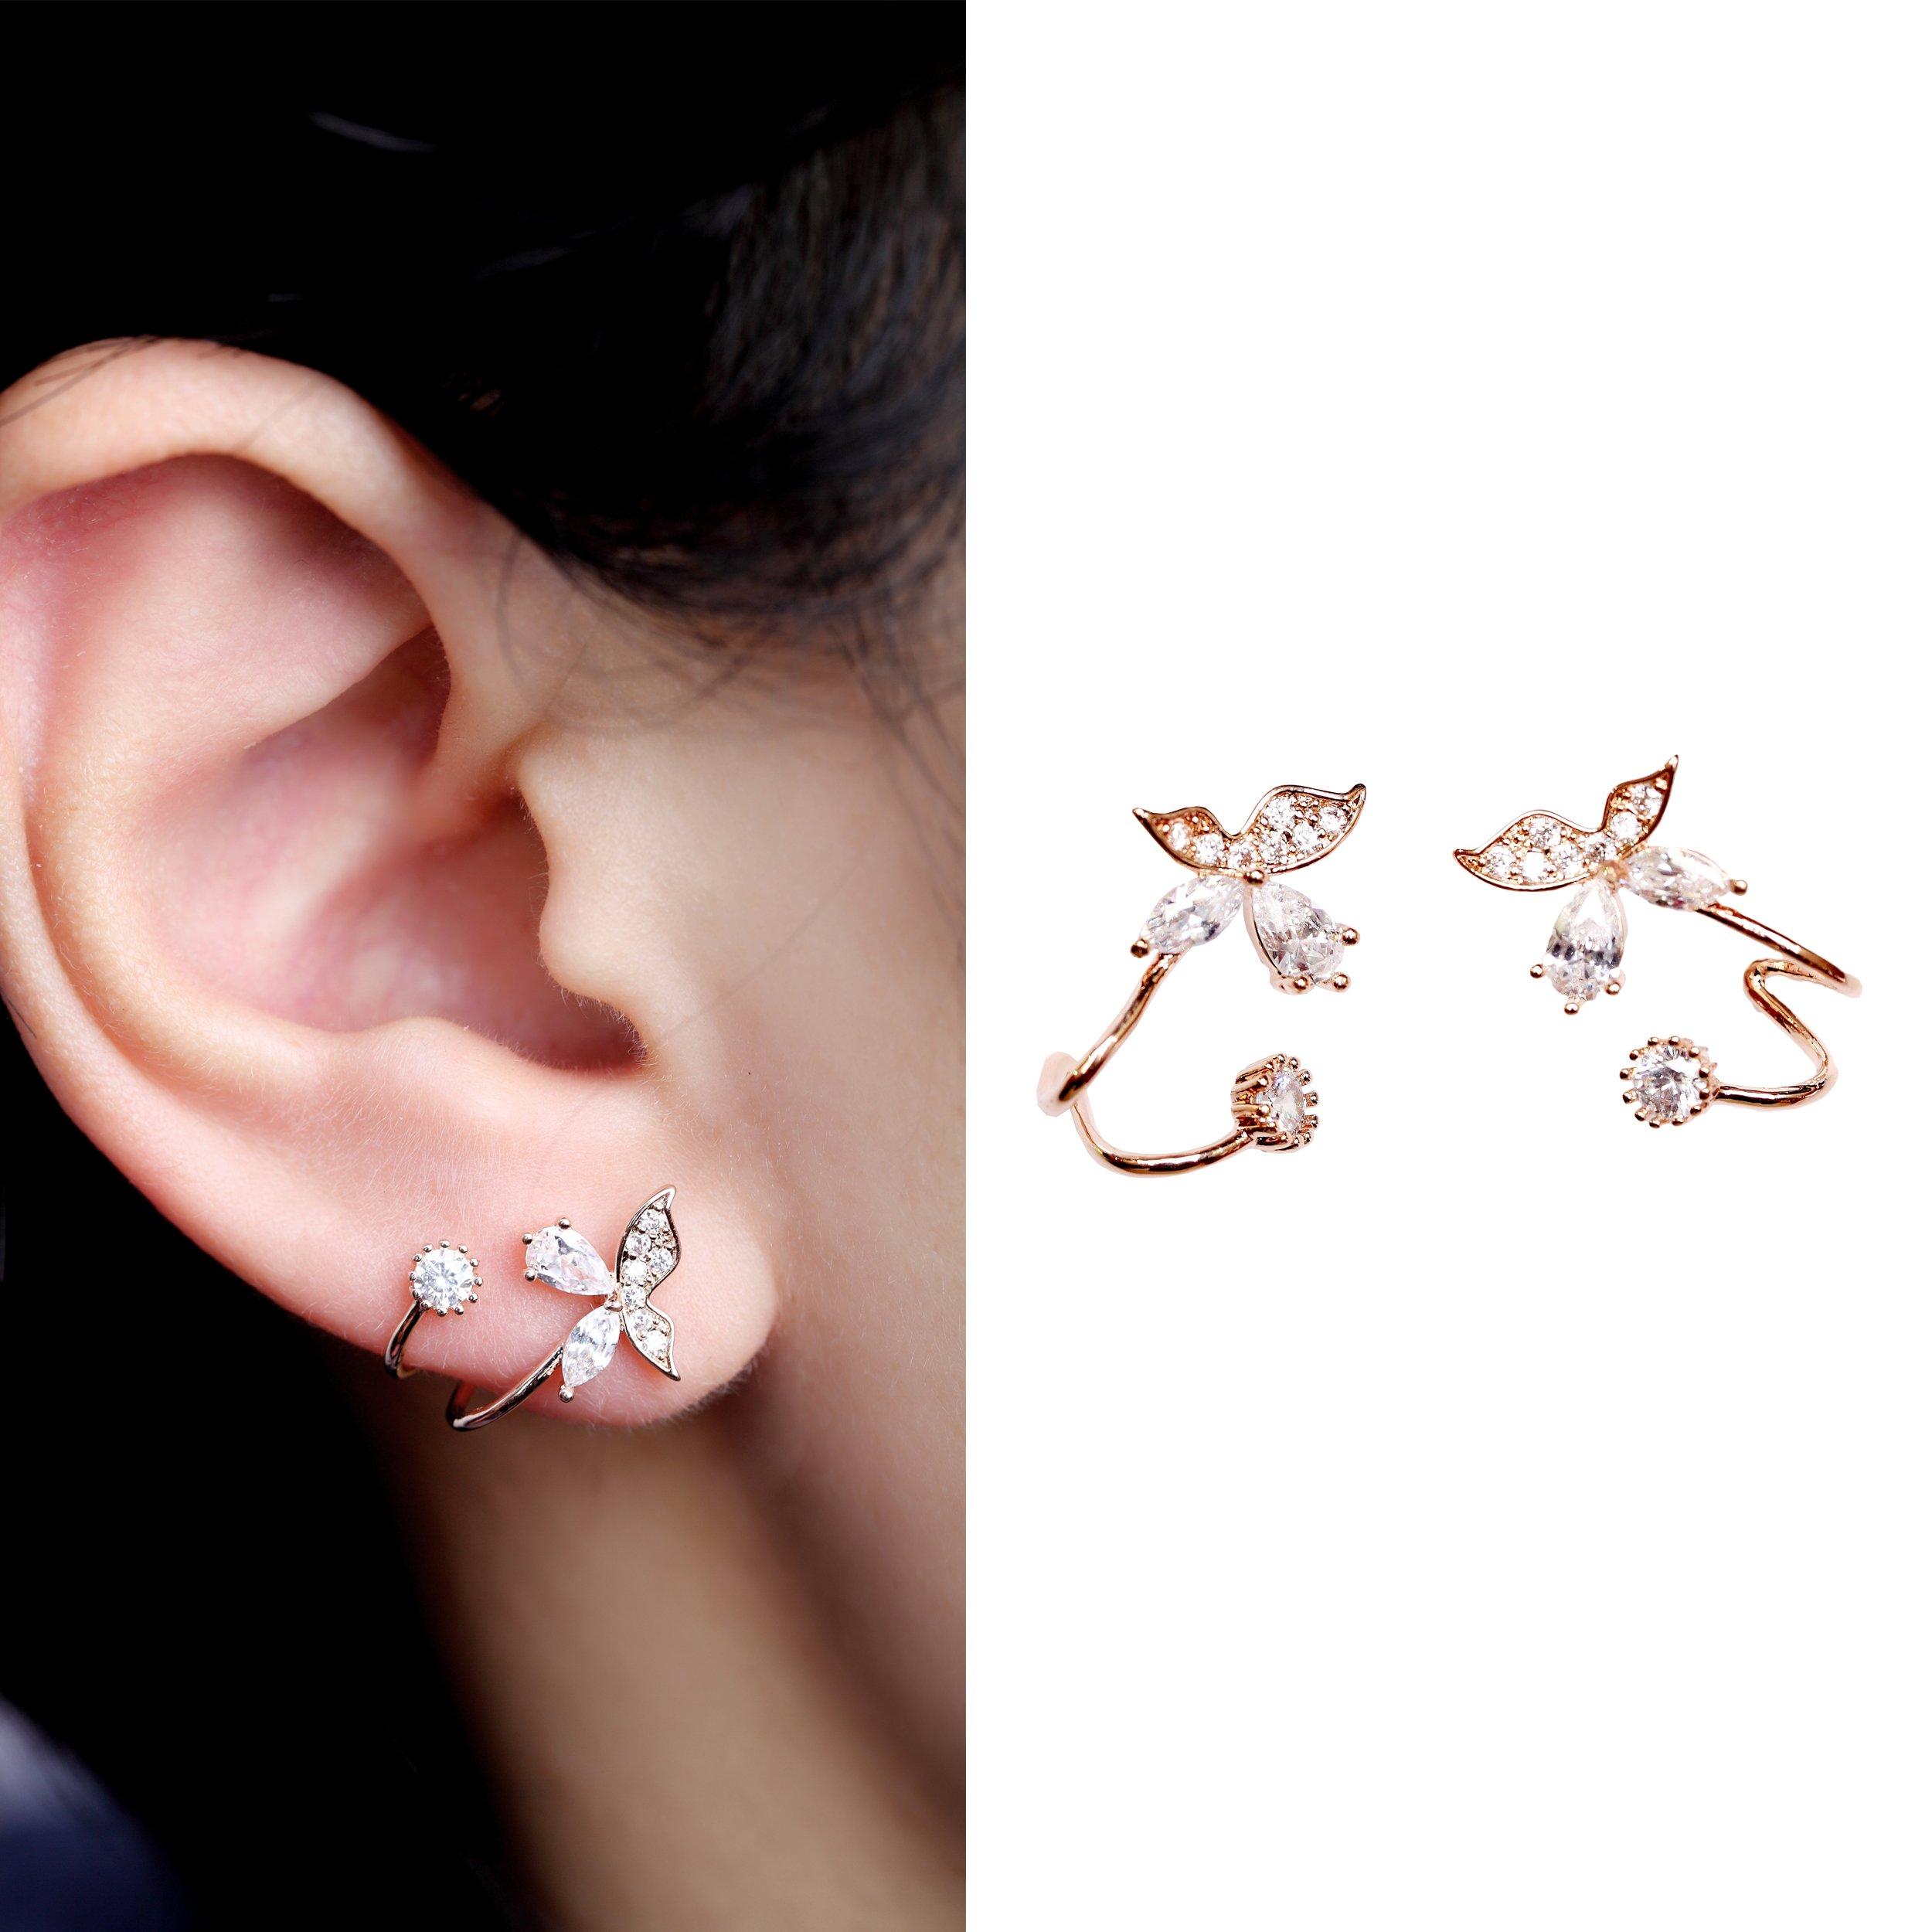 EVERU Gold Bling Butterfly CZ Jewelry Piercing Ear Wraps Stud Earrings for Women's Gift